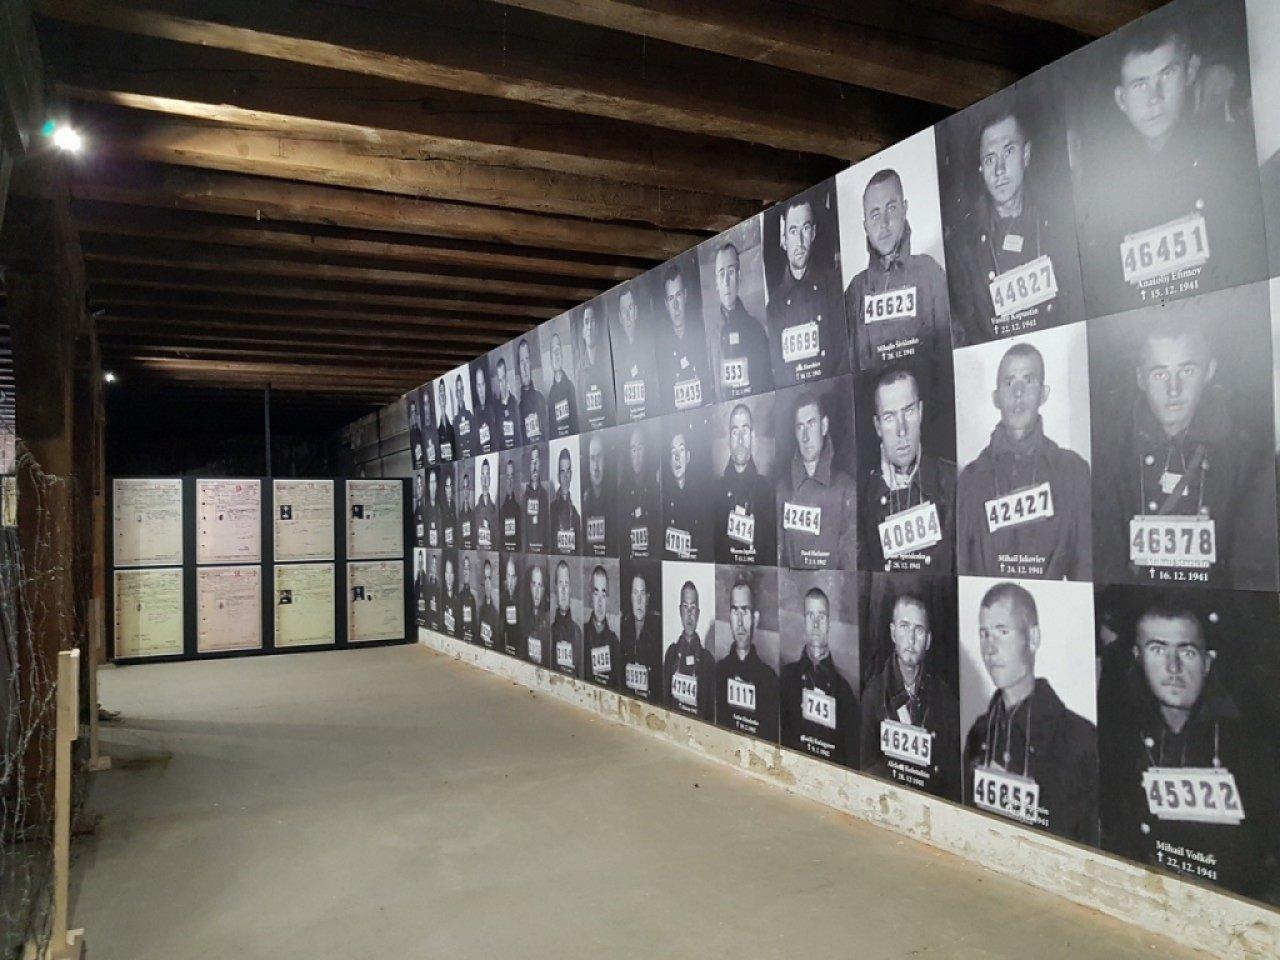 Музей представит улики нацистских преступлений